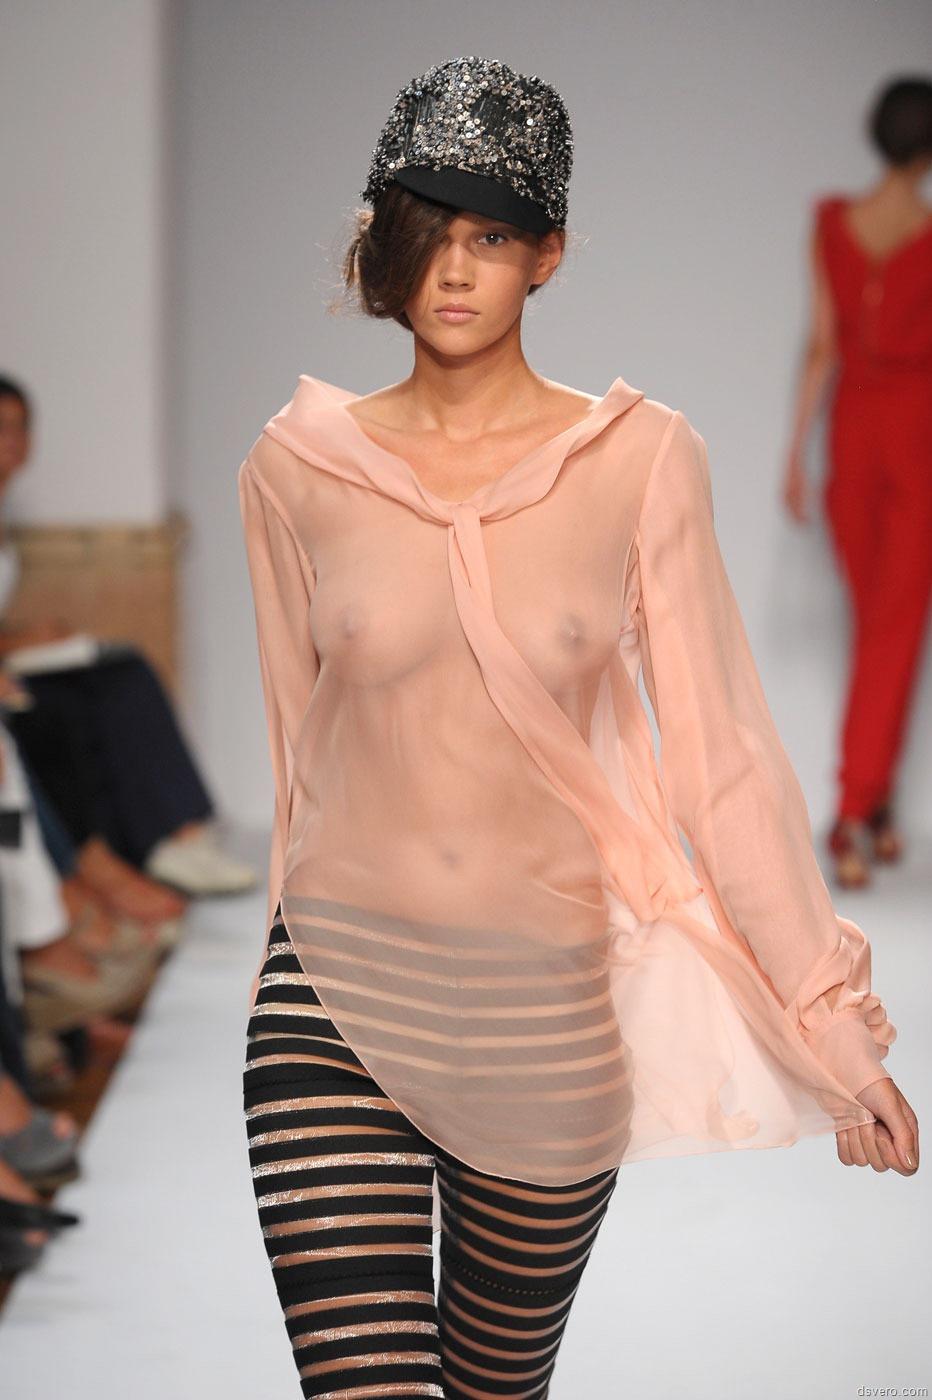 Смотреть показ мод голая мода 5 фотография